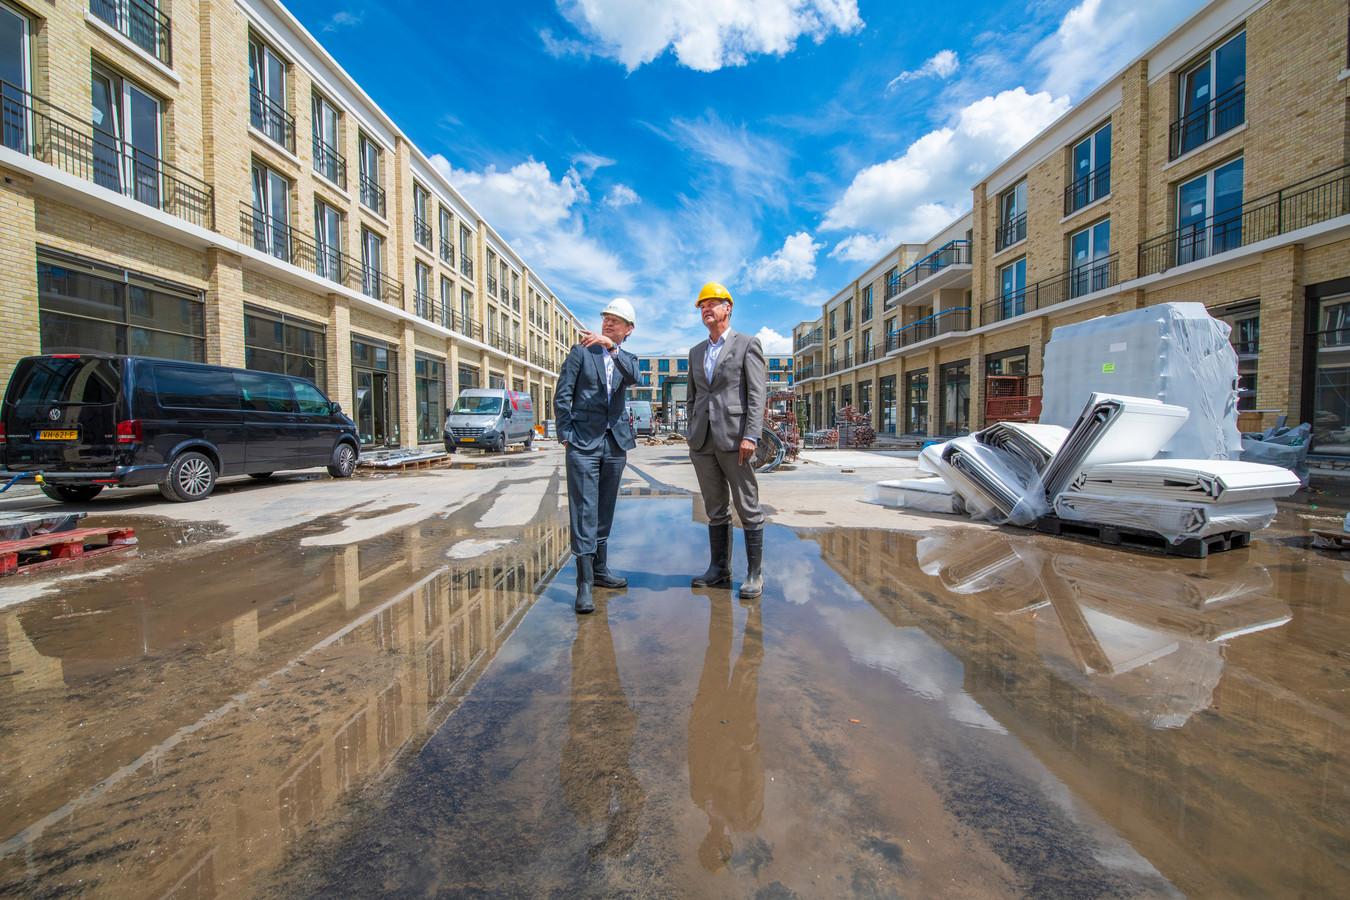 Bert van de Hee en Peter Scherders in het stadsdeelhart, dat richting voltooiing gaat.